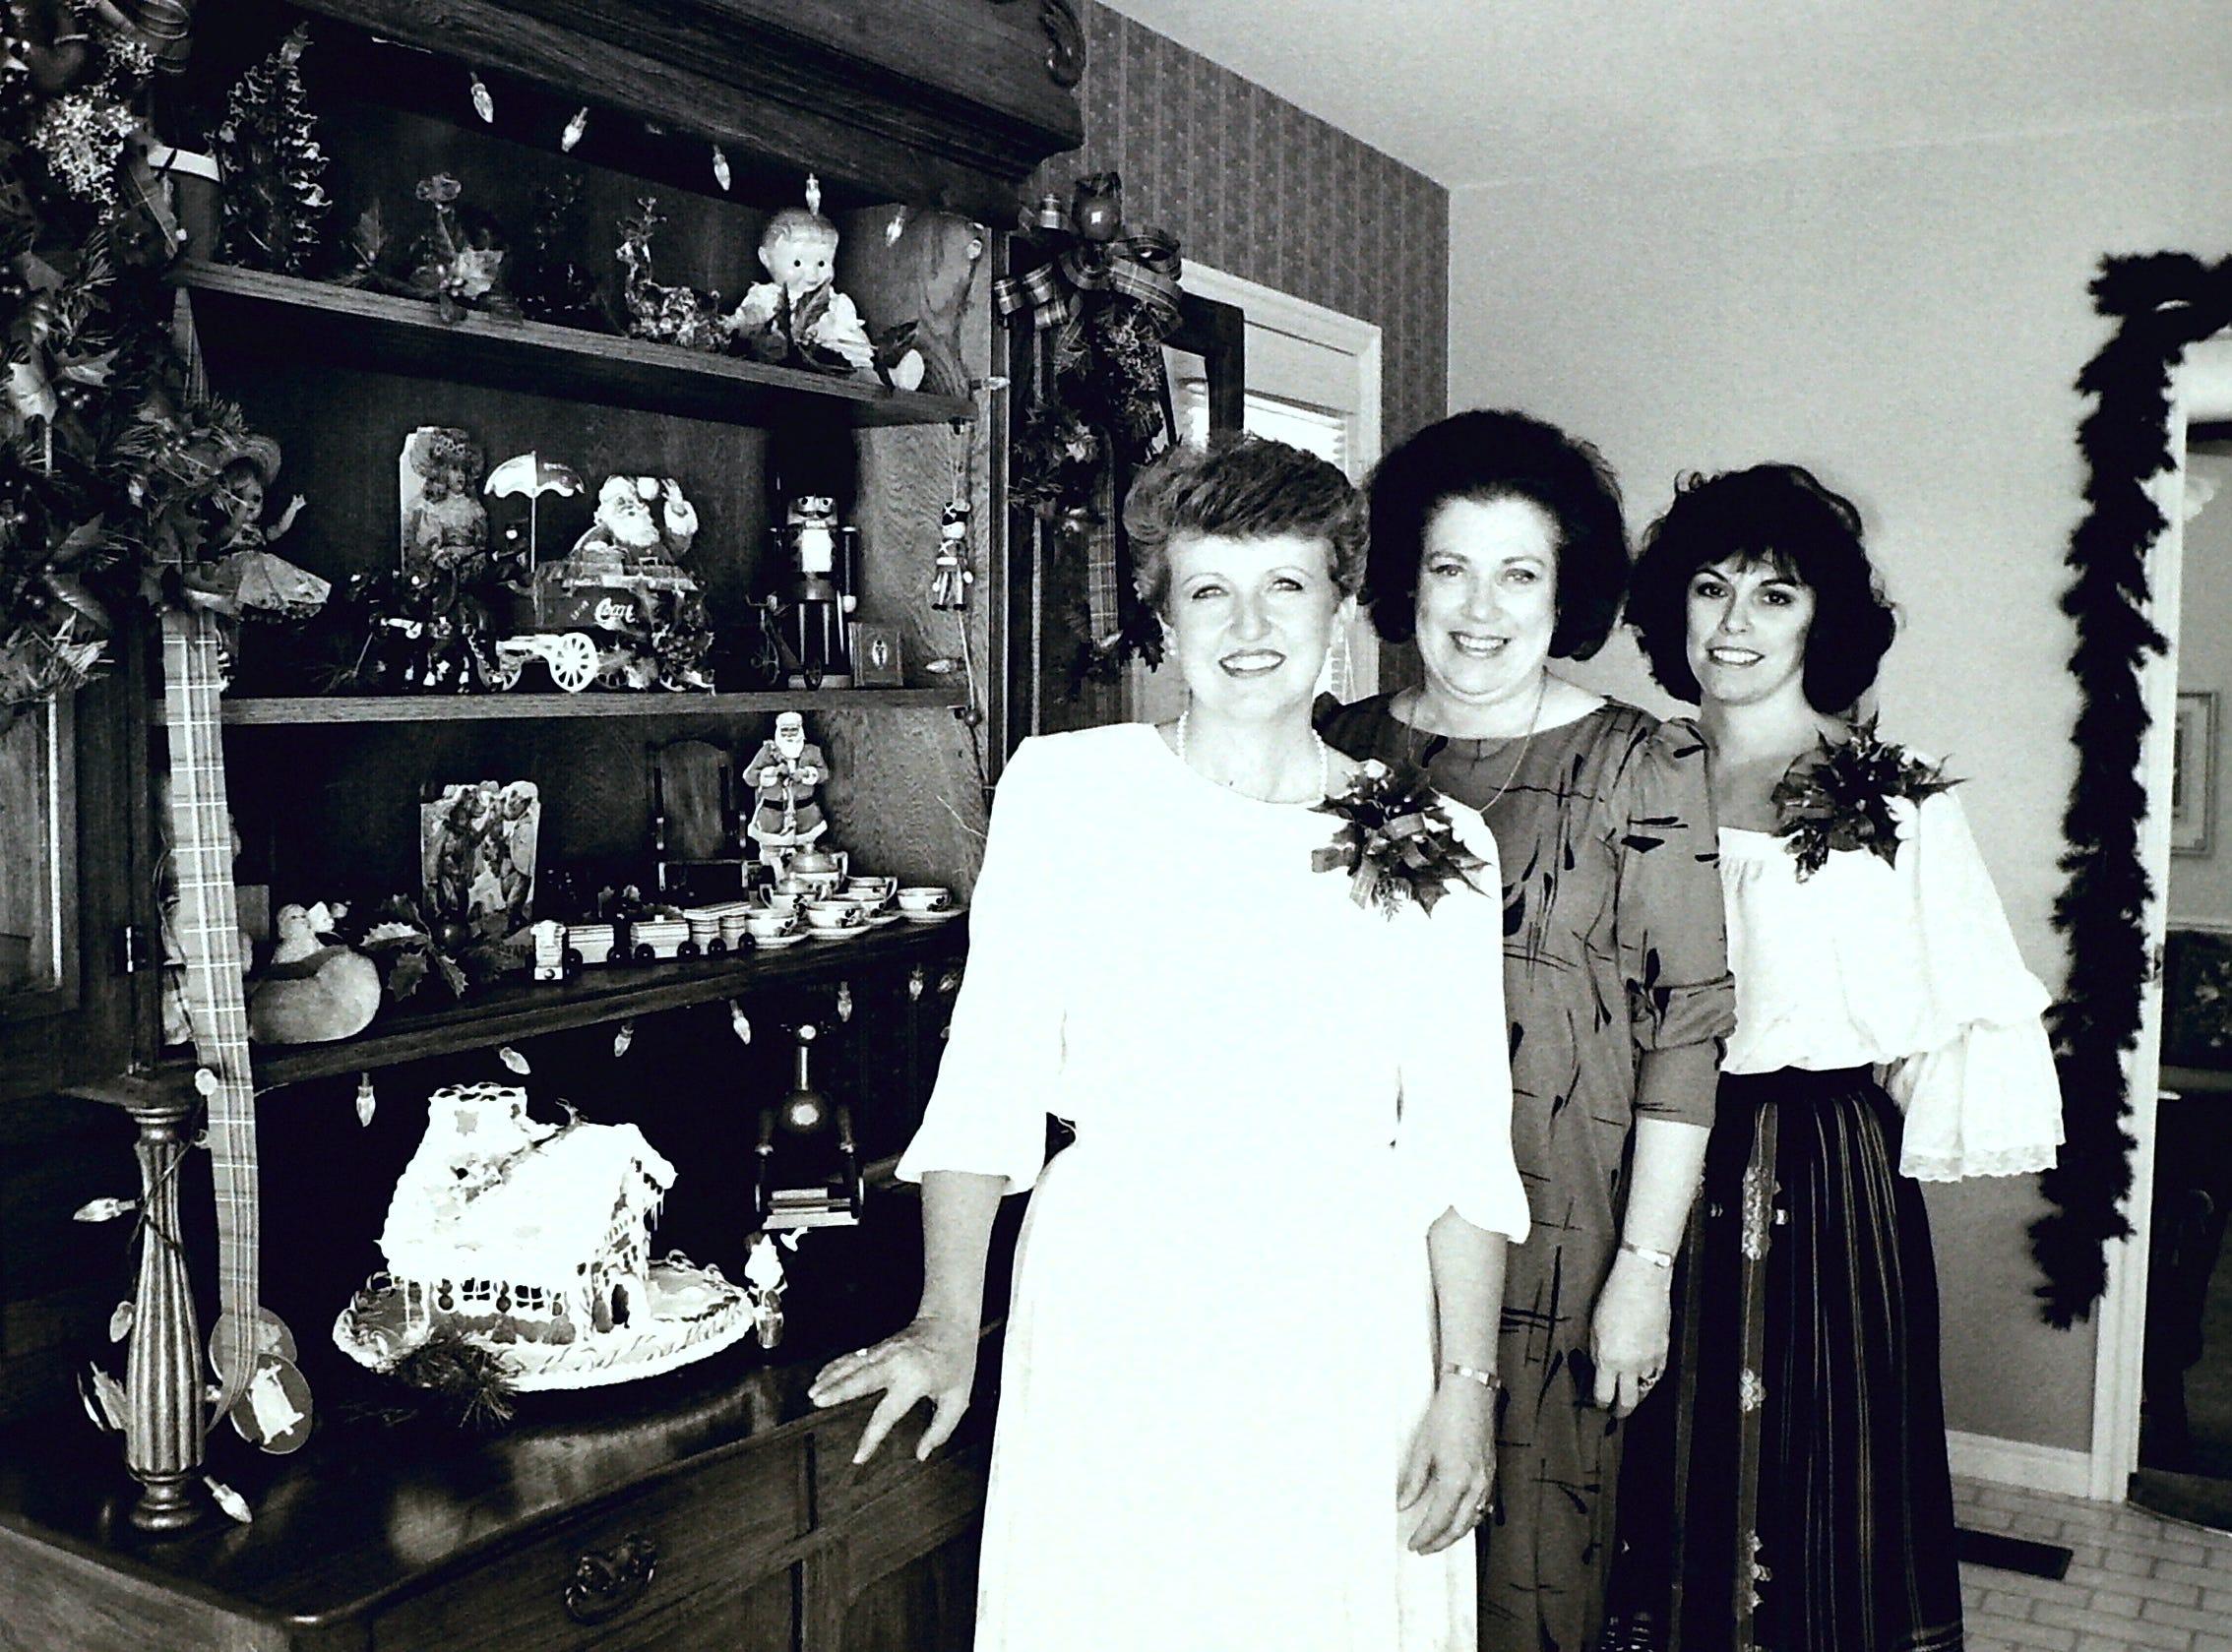 Holiday House Tour circa 1985.